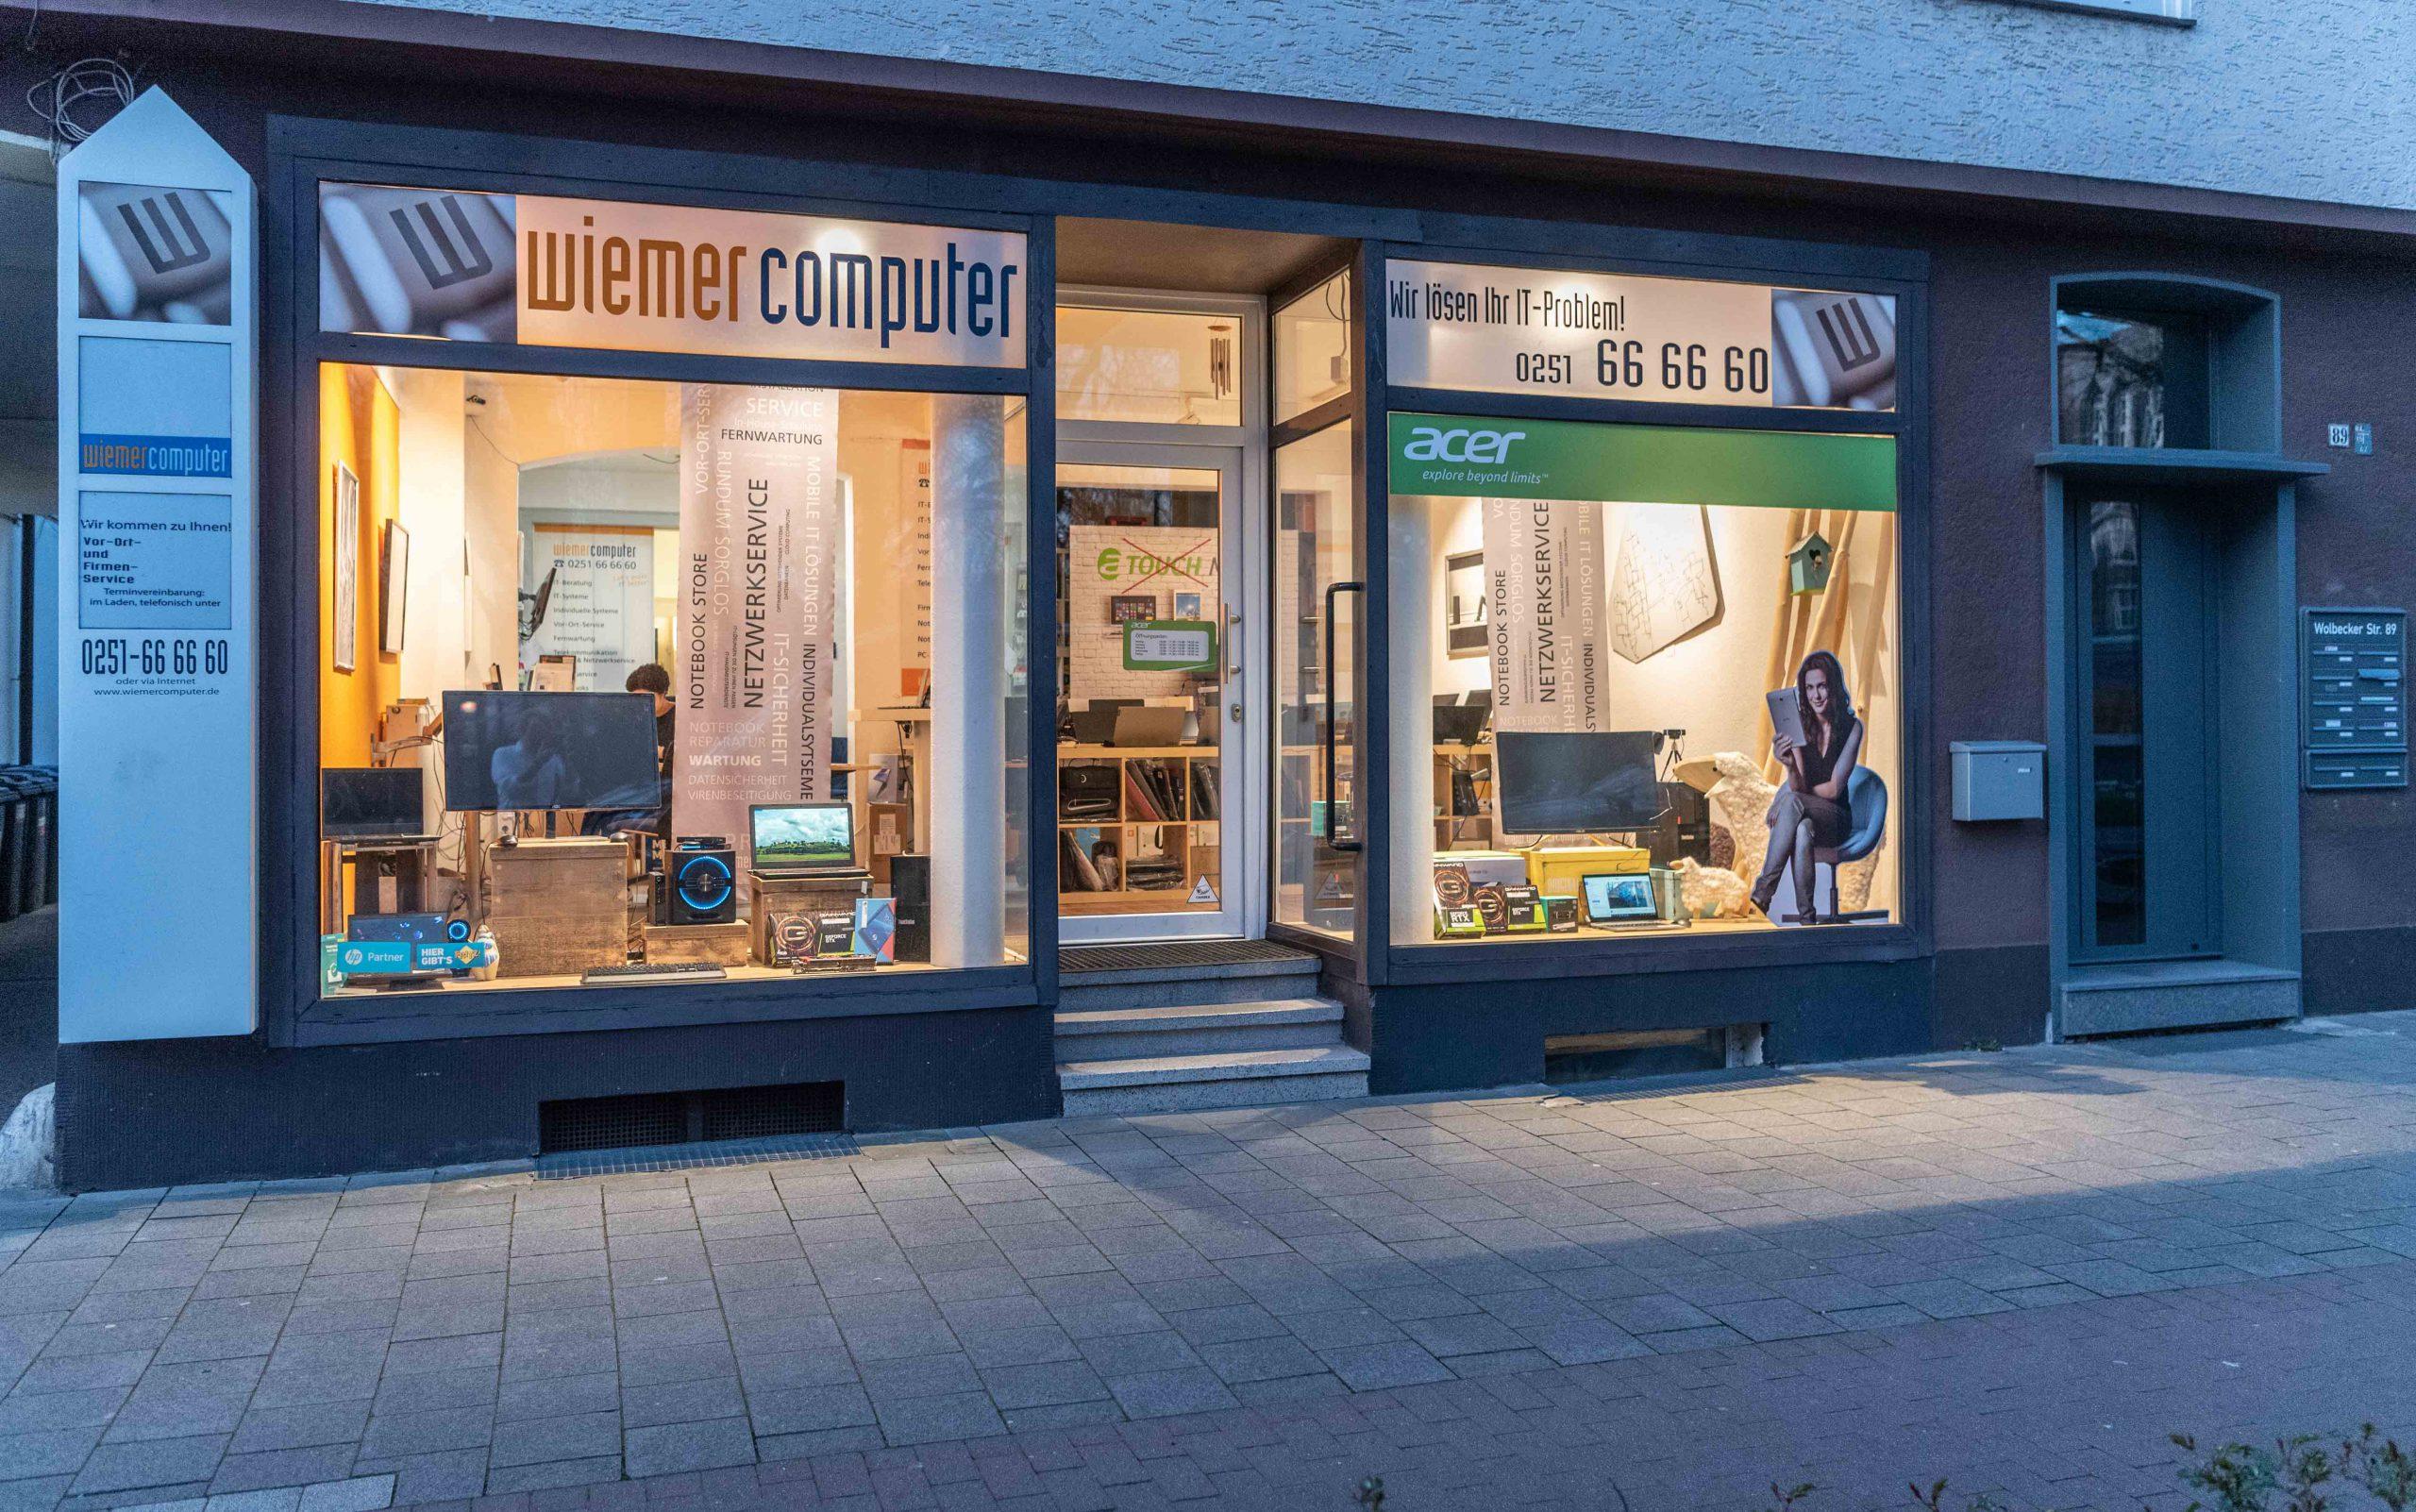 Das Ladenlokal von Wiemer Computer am Hansaplatz in Münster